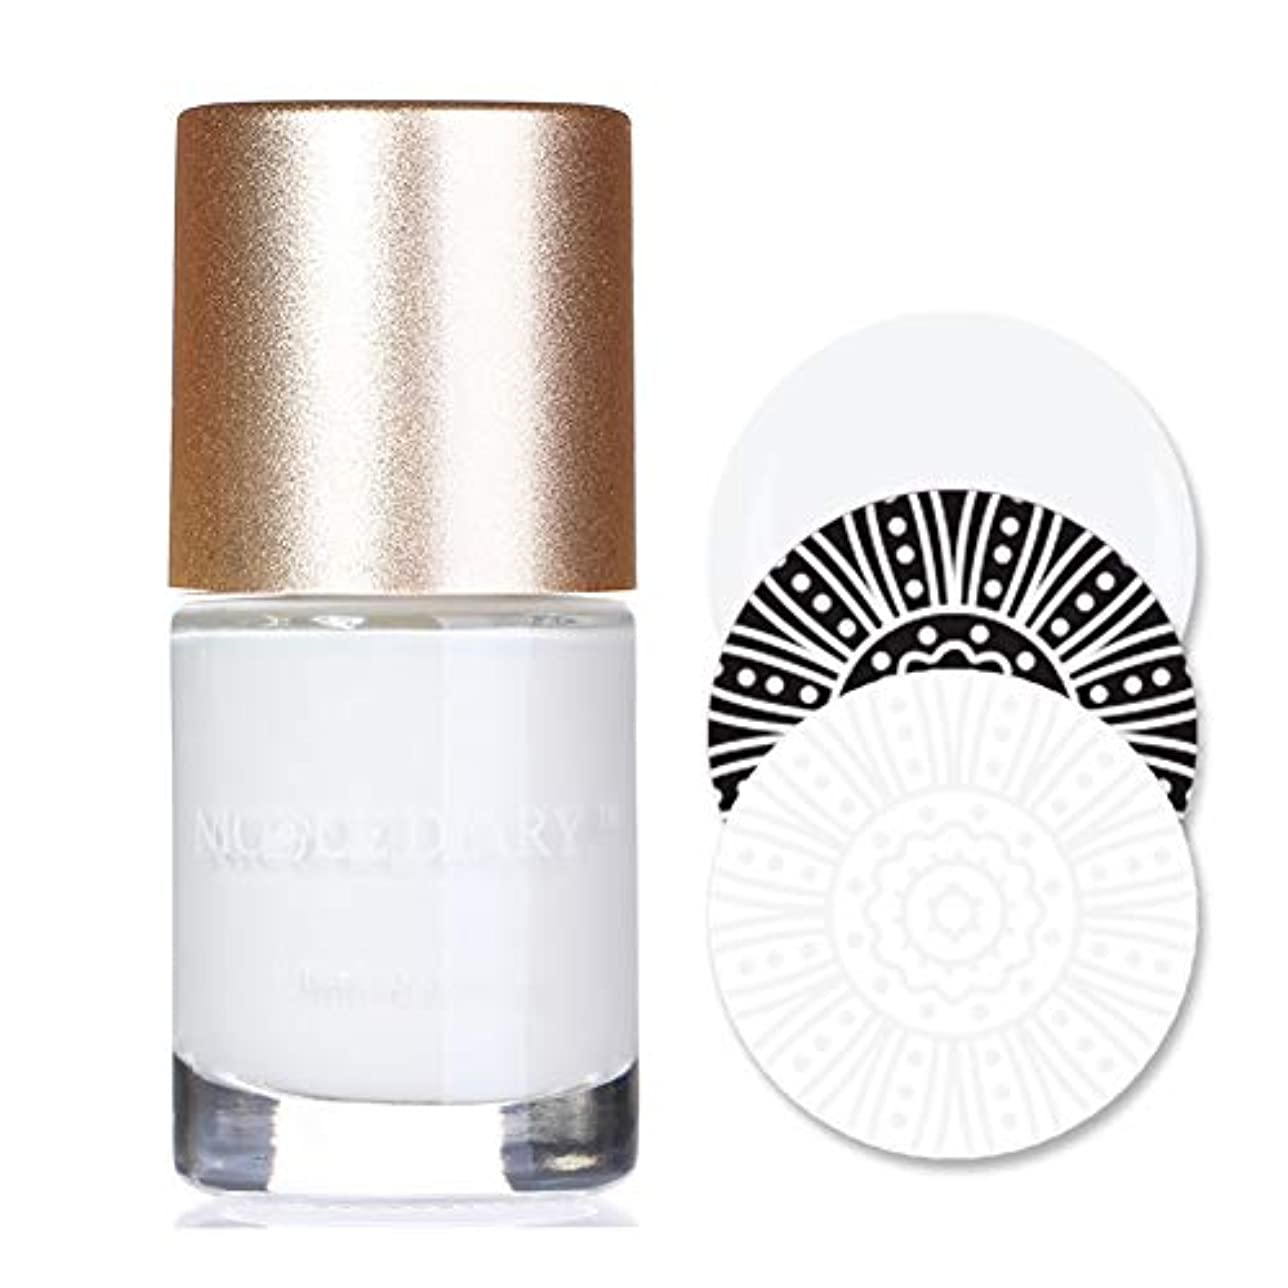 不器用あらゆる種類のインクNICOLE DIARY 白い ホワイト スタンプネイルカラー スタンピングネイルポリッシュ 1ボトル マニキュアネイルアート NS01 [並行輸入品]